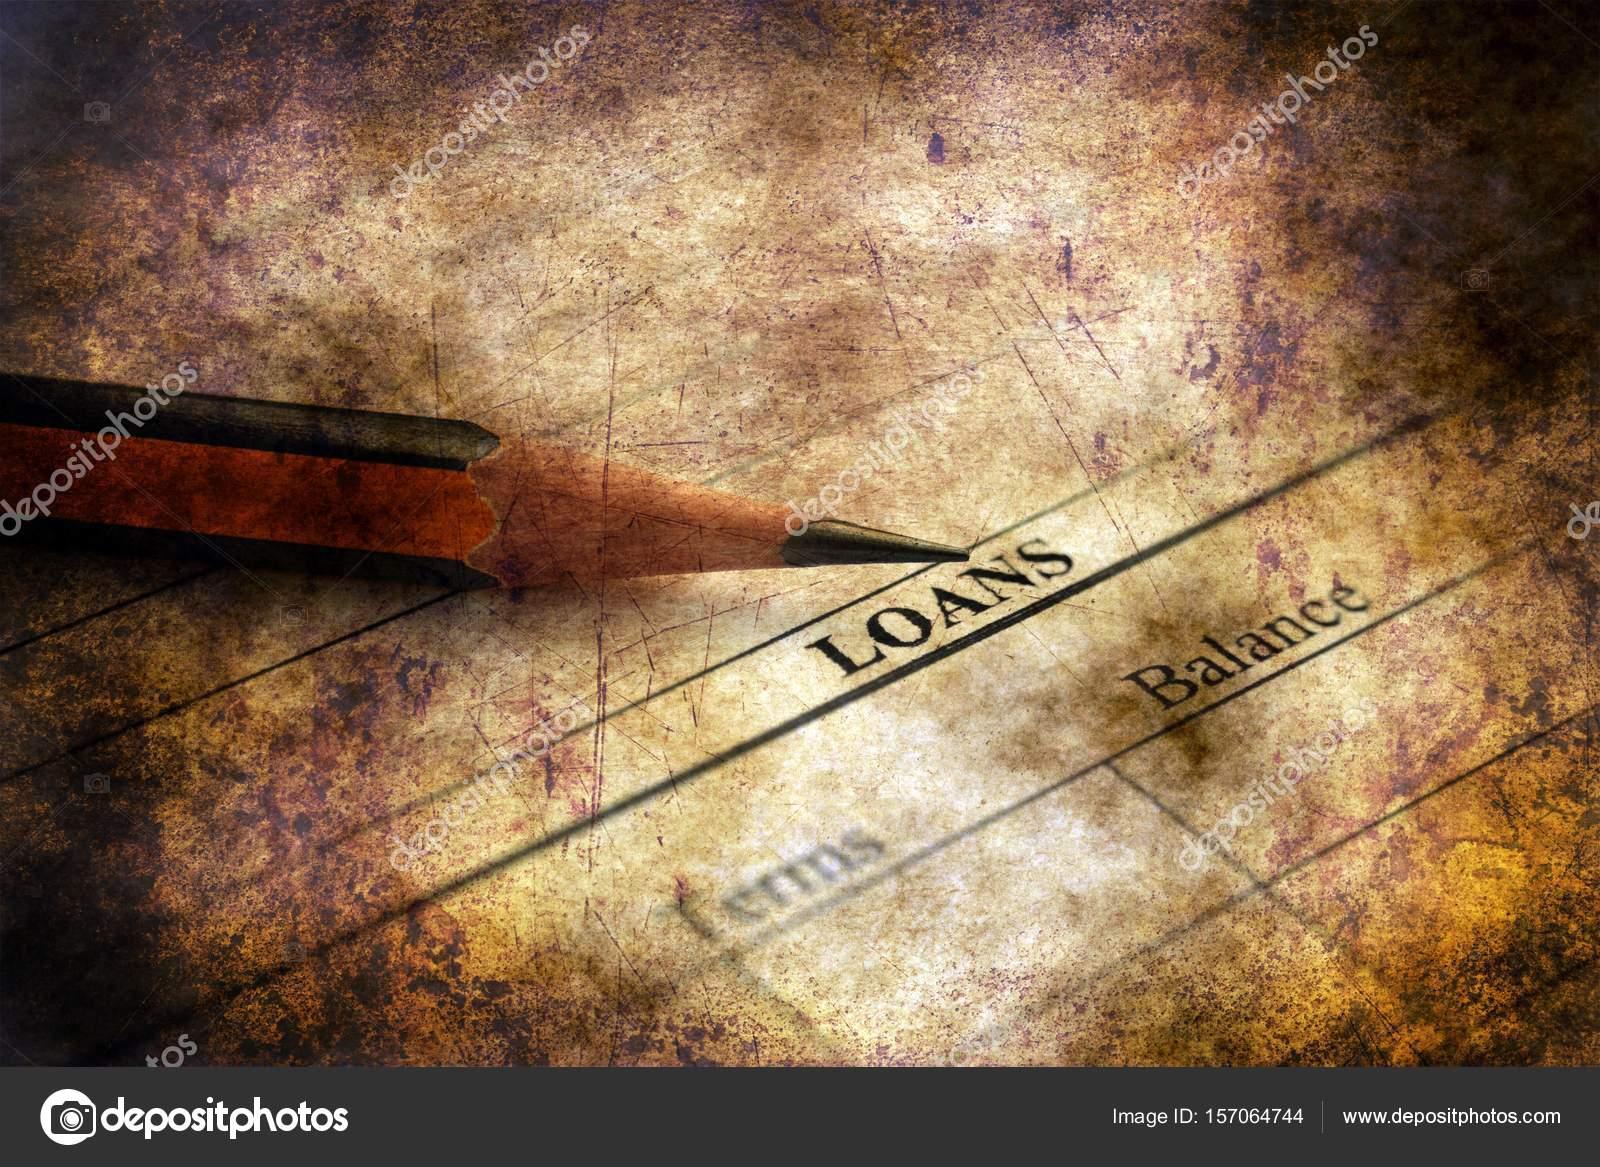 Online pujcka bez doložení príjmu beroun fortuna